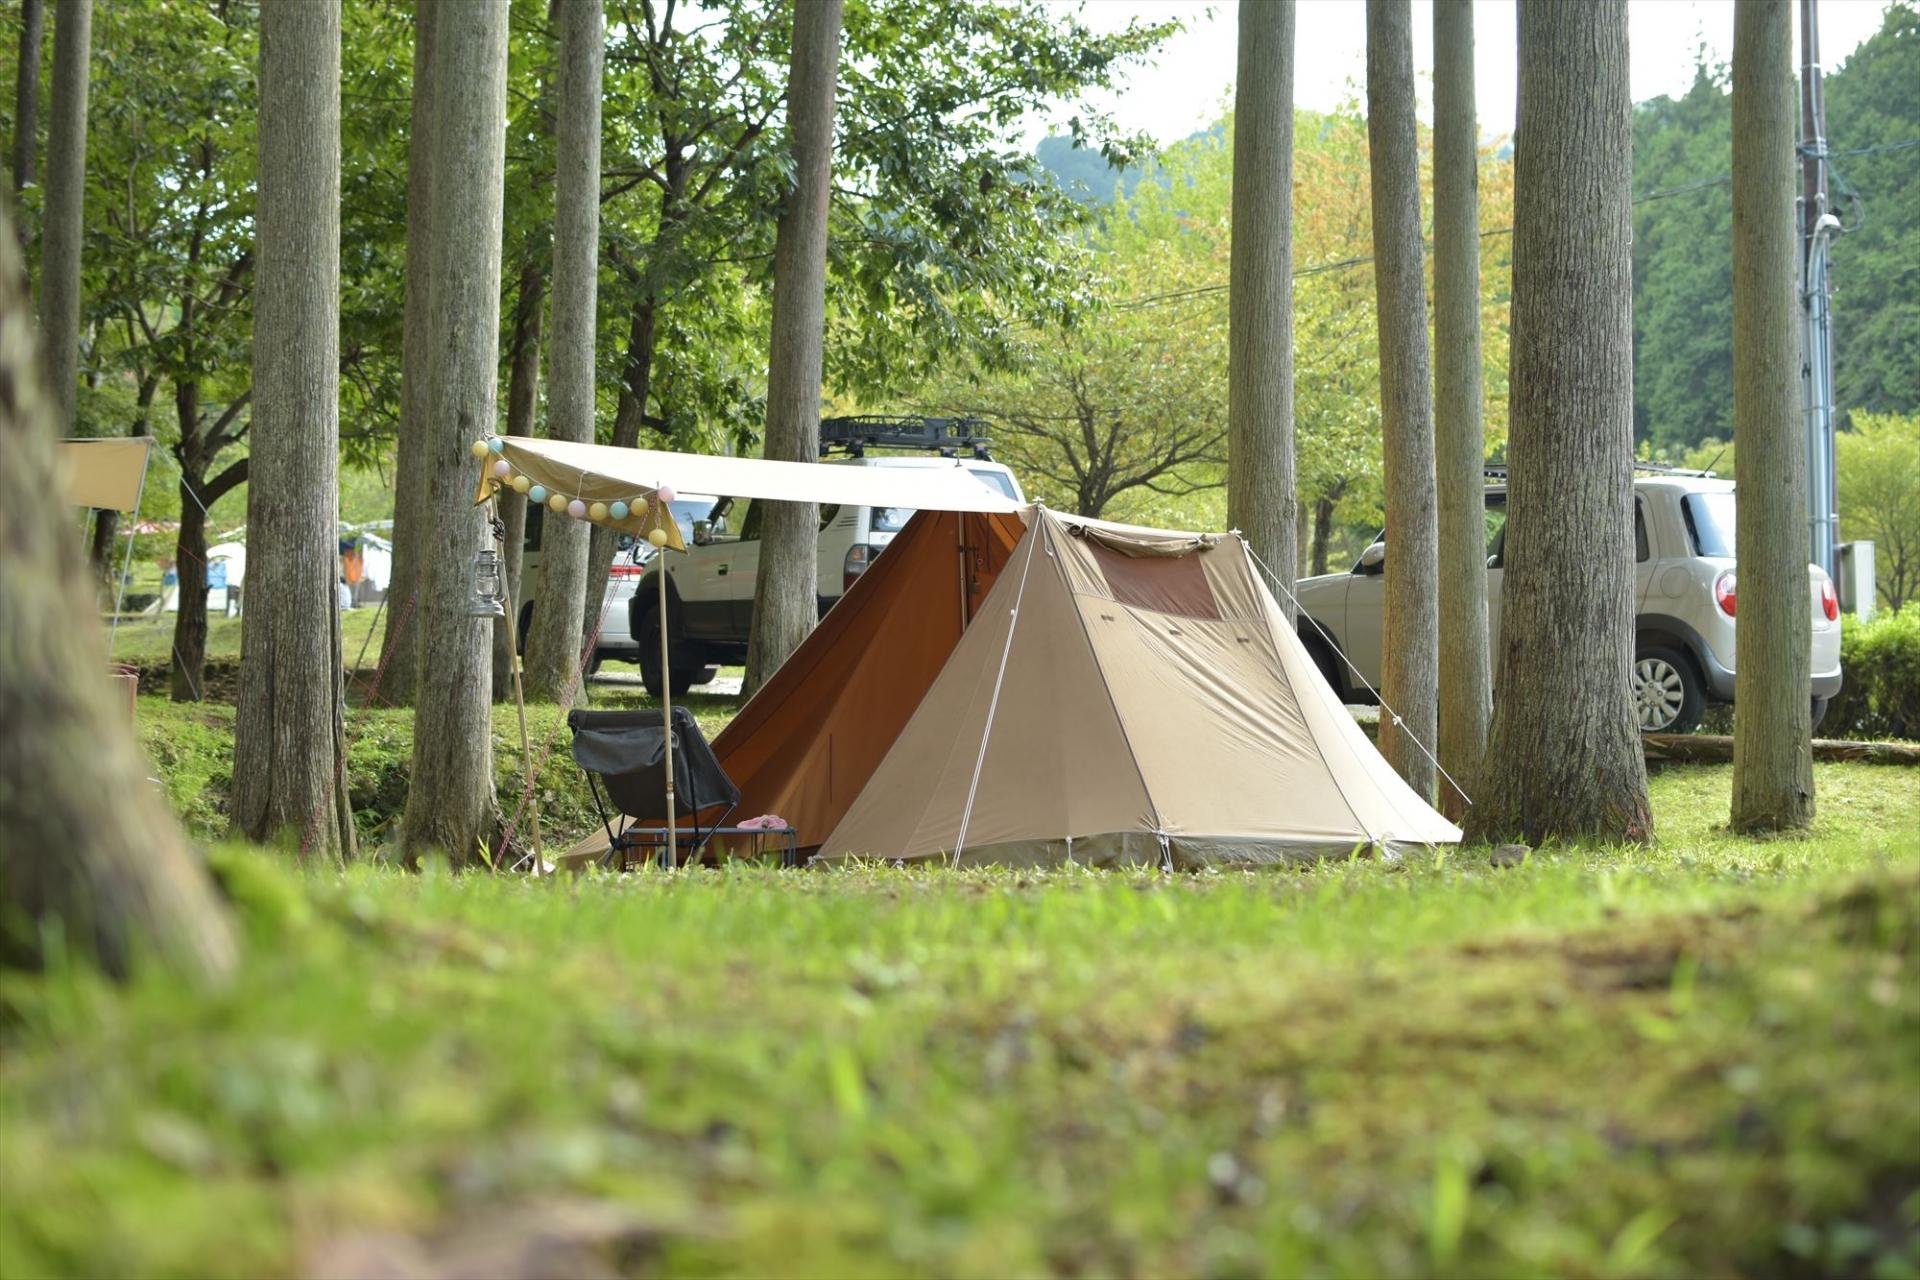 仲洞爺キャンプ場で北海道の自然を満喫しよう!温泉など場内の設備も充実!